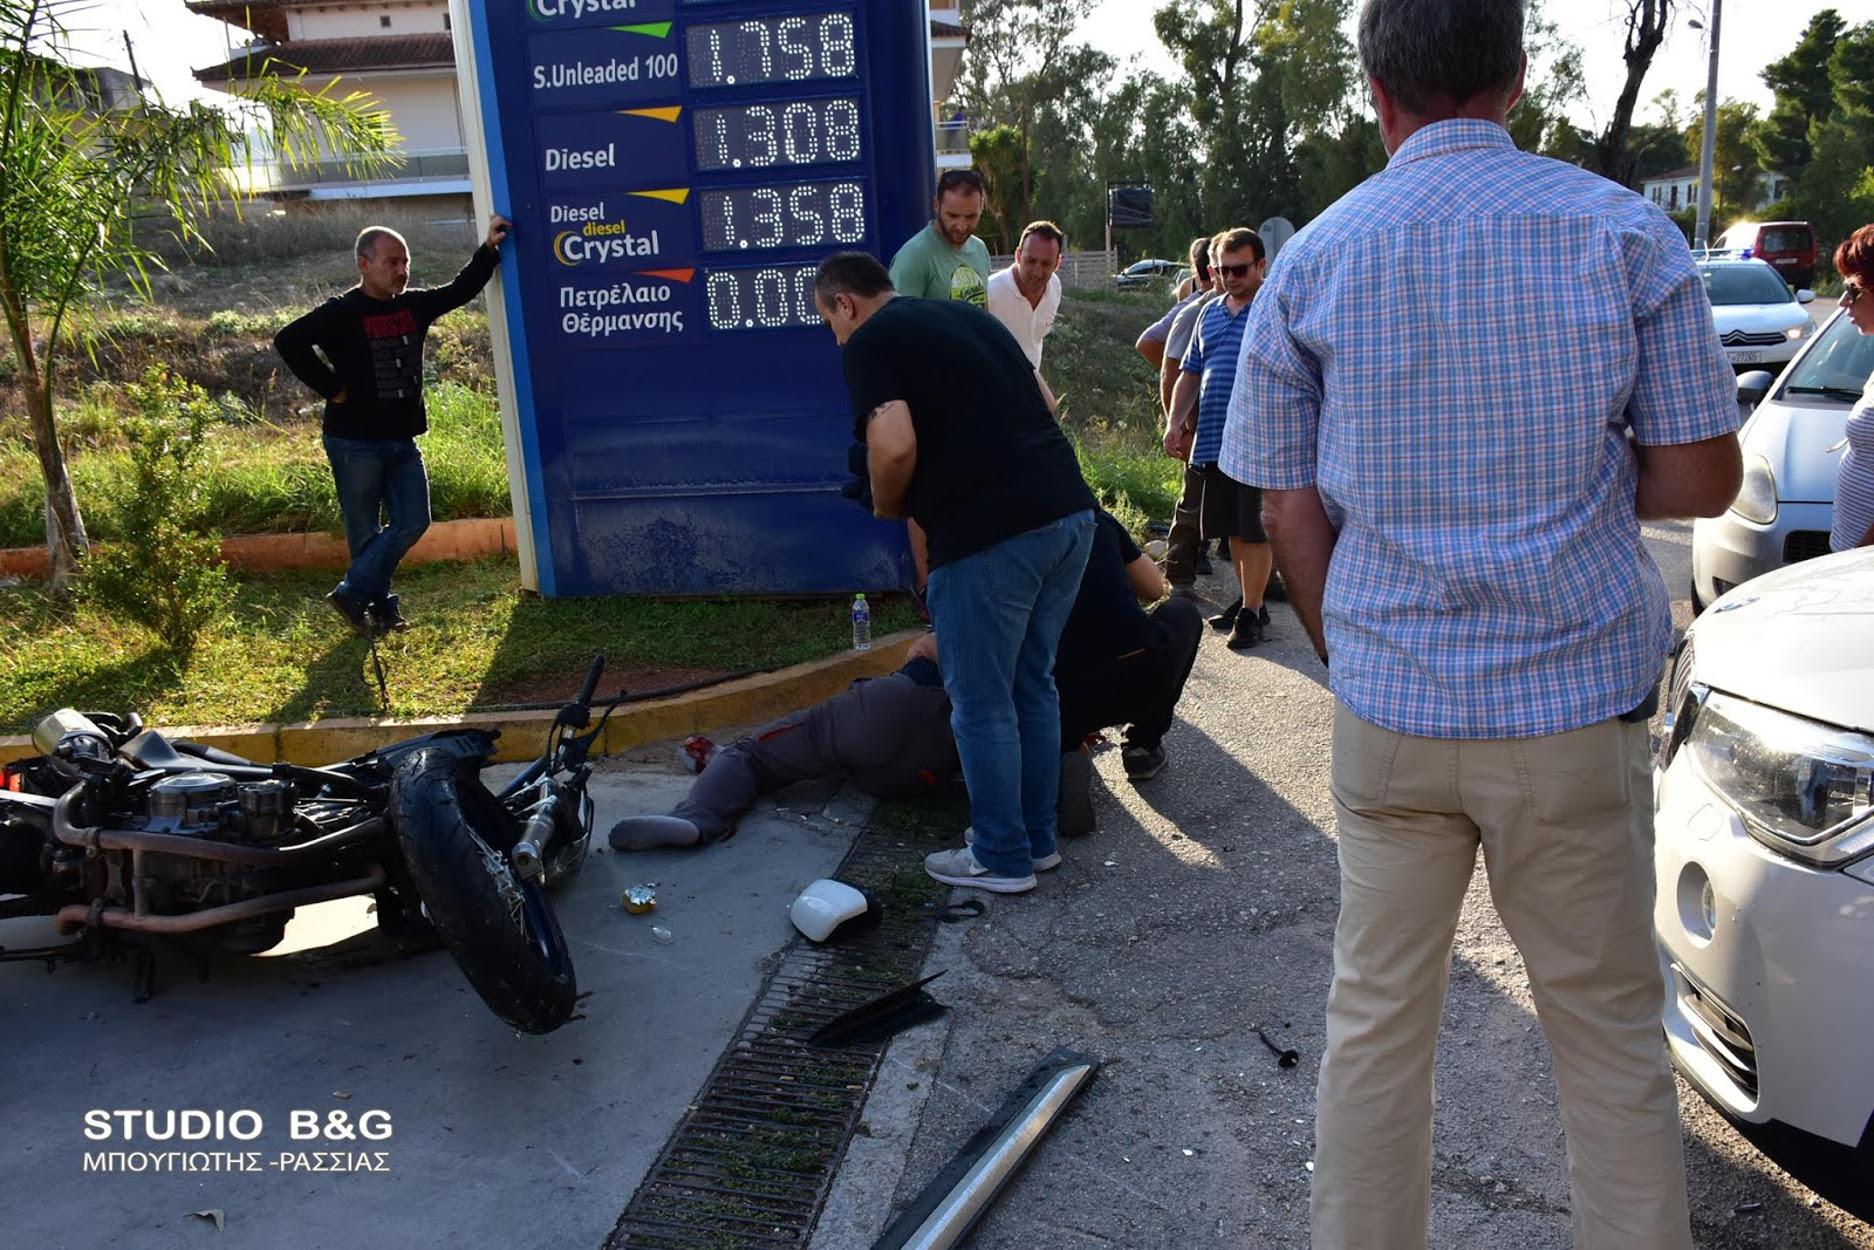 """Έκαναν ξαφνικά αναστροφή και """"καρφώθηκε"""" πάνω τους μηχανή - Τρομακτικό τροχαίο (pics)"""